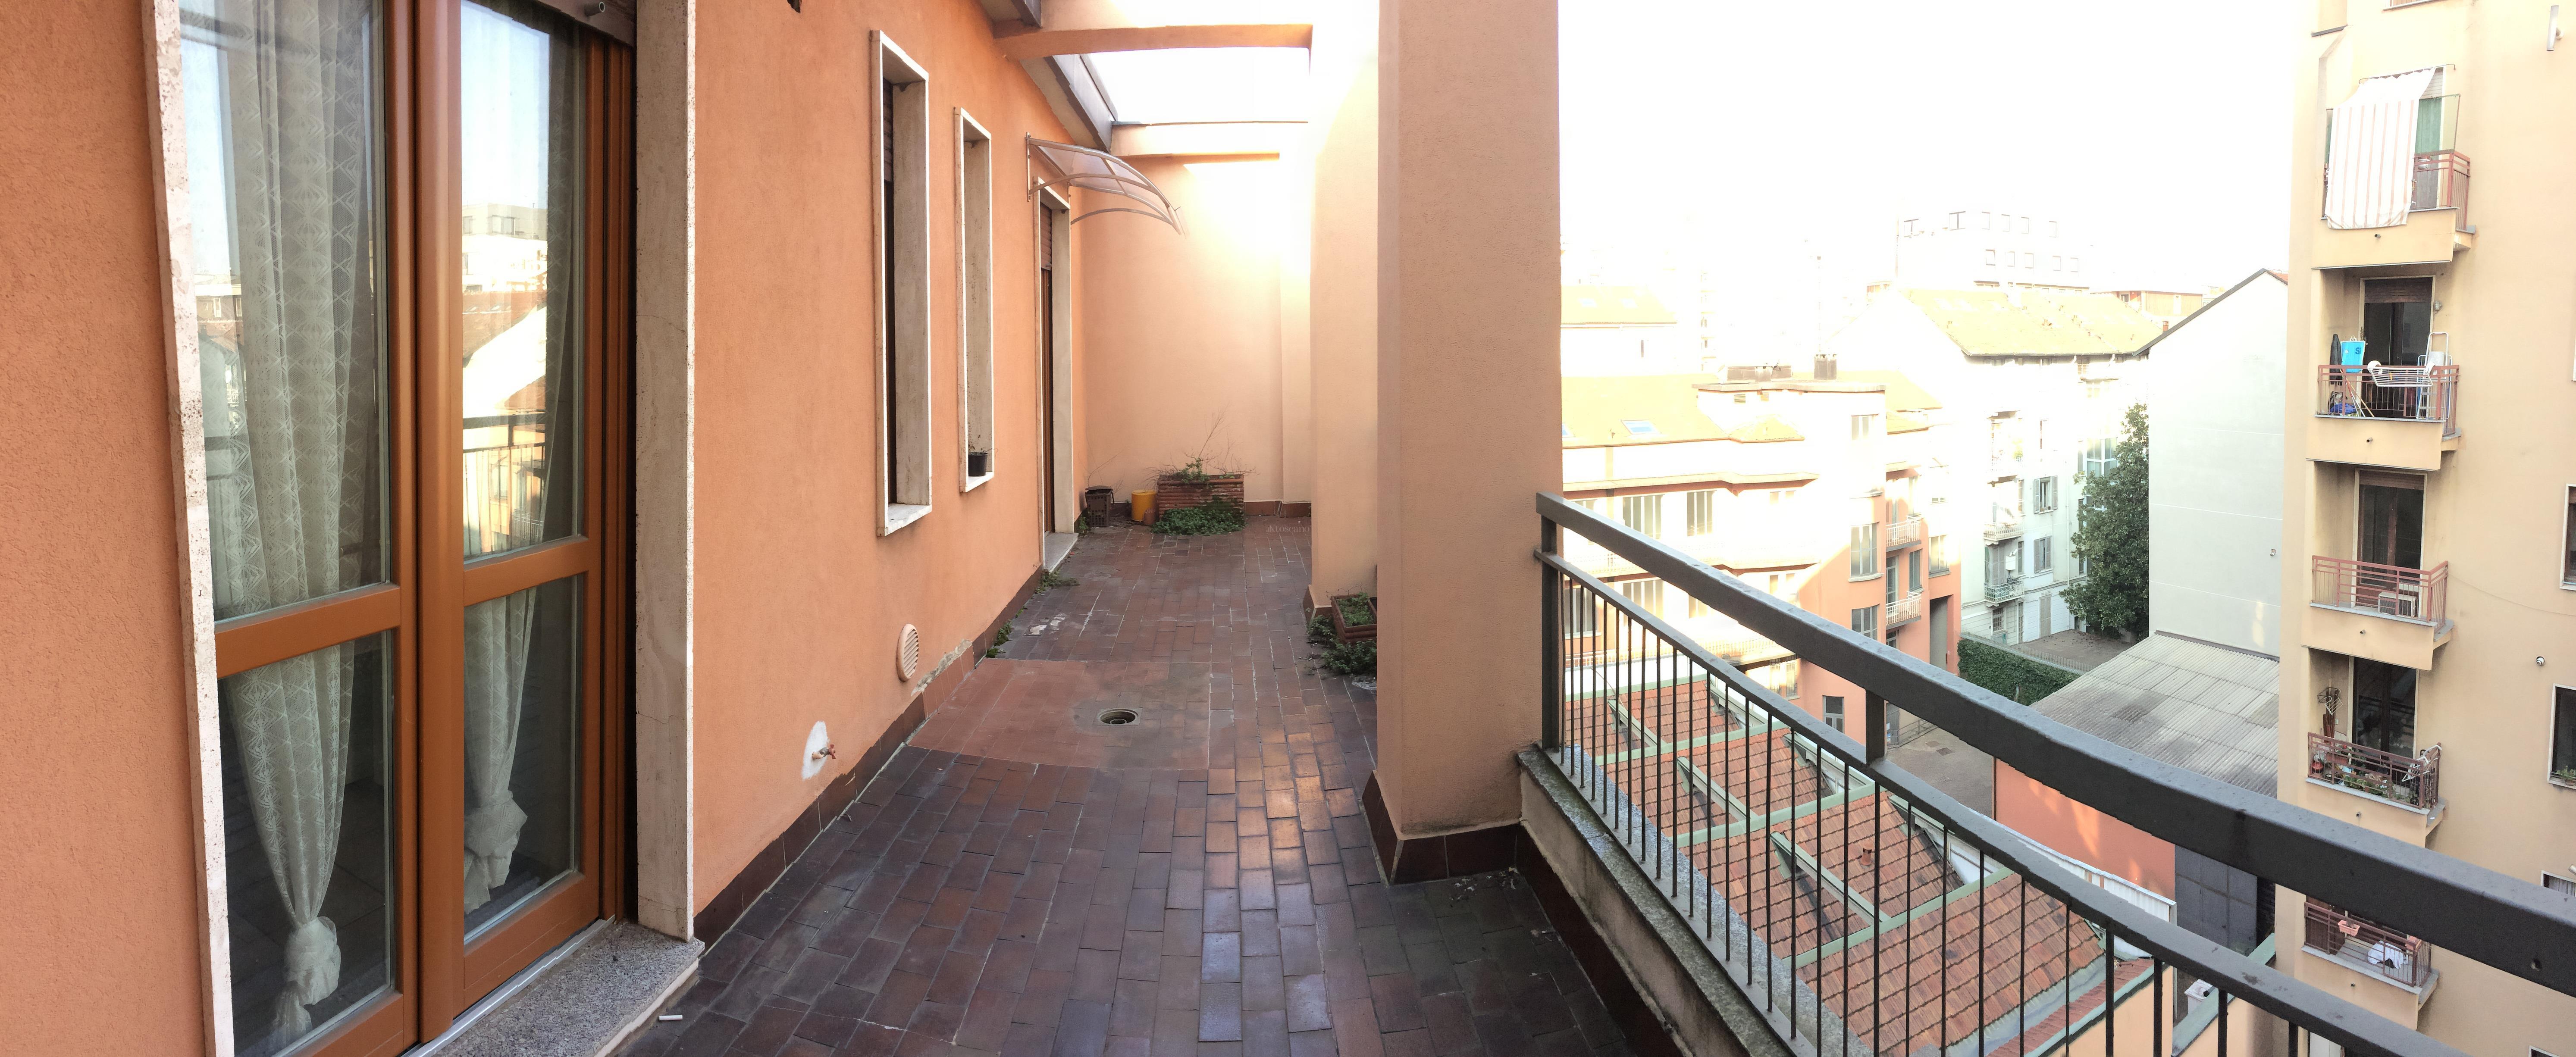 Casa a Milano in via Salasco (zona Bocconi, Bligny)